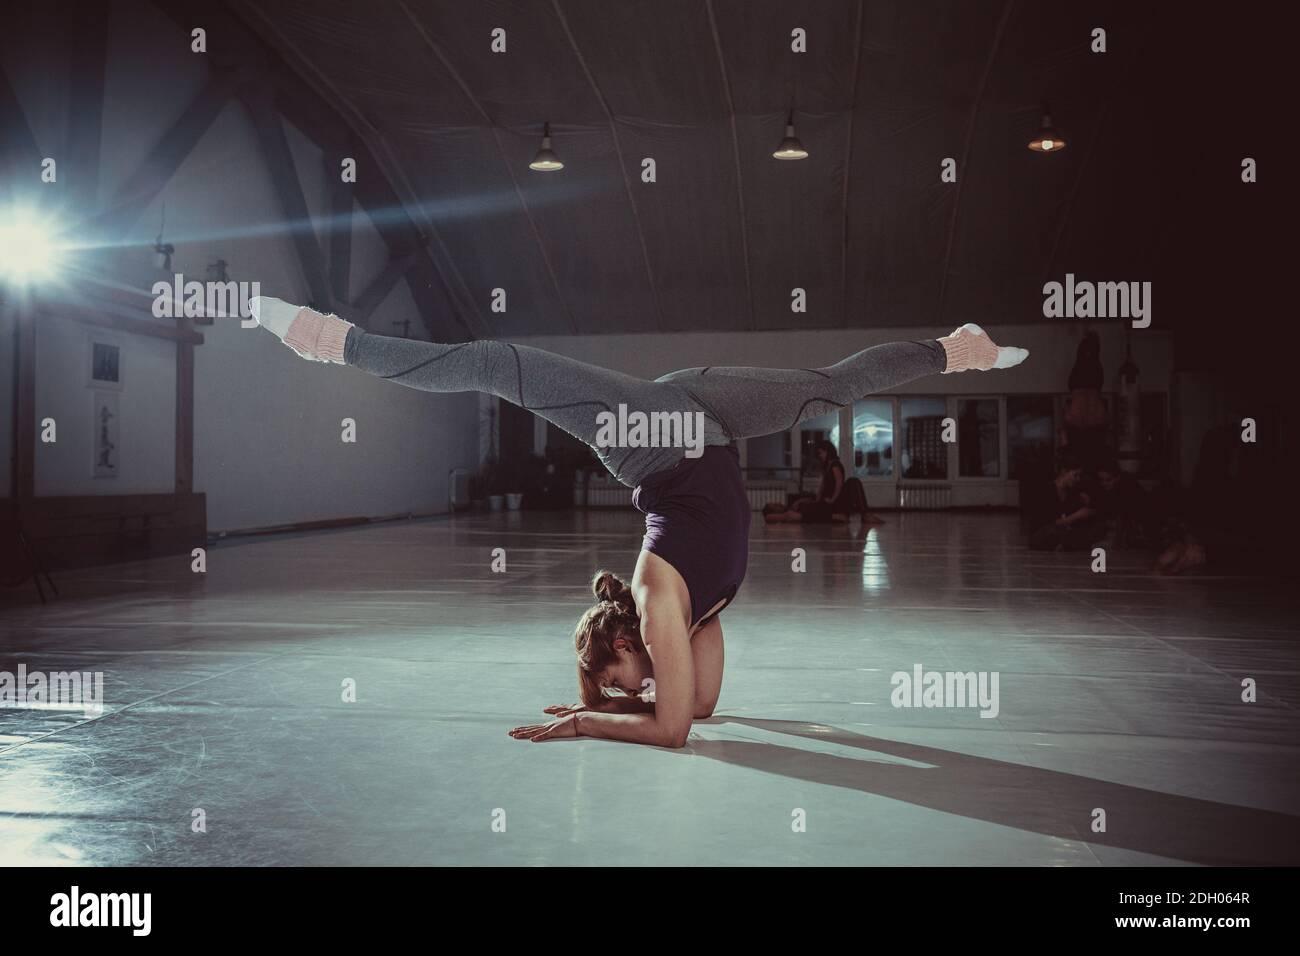 Joven mujer yogui atractiva practicando el concepto de yoga, de pie en la variación del ejercicio de Pincha Mayurasana, postura de pie de mano, Workin Foto de stock